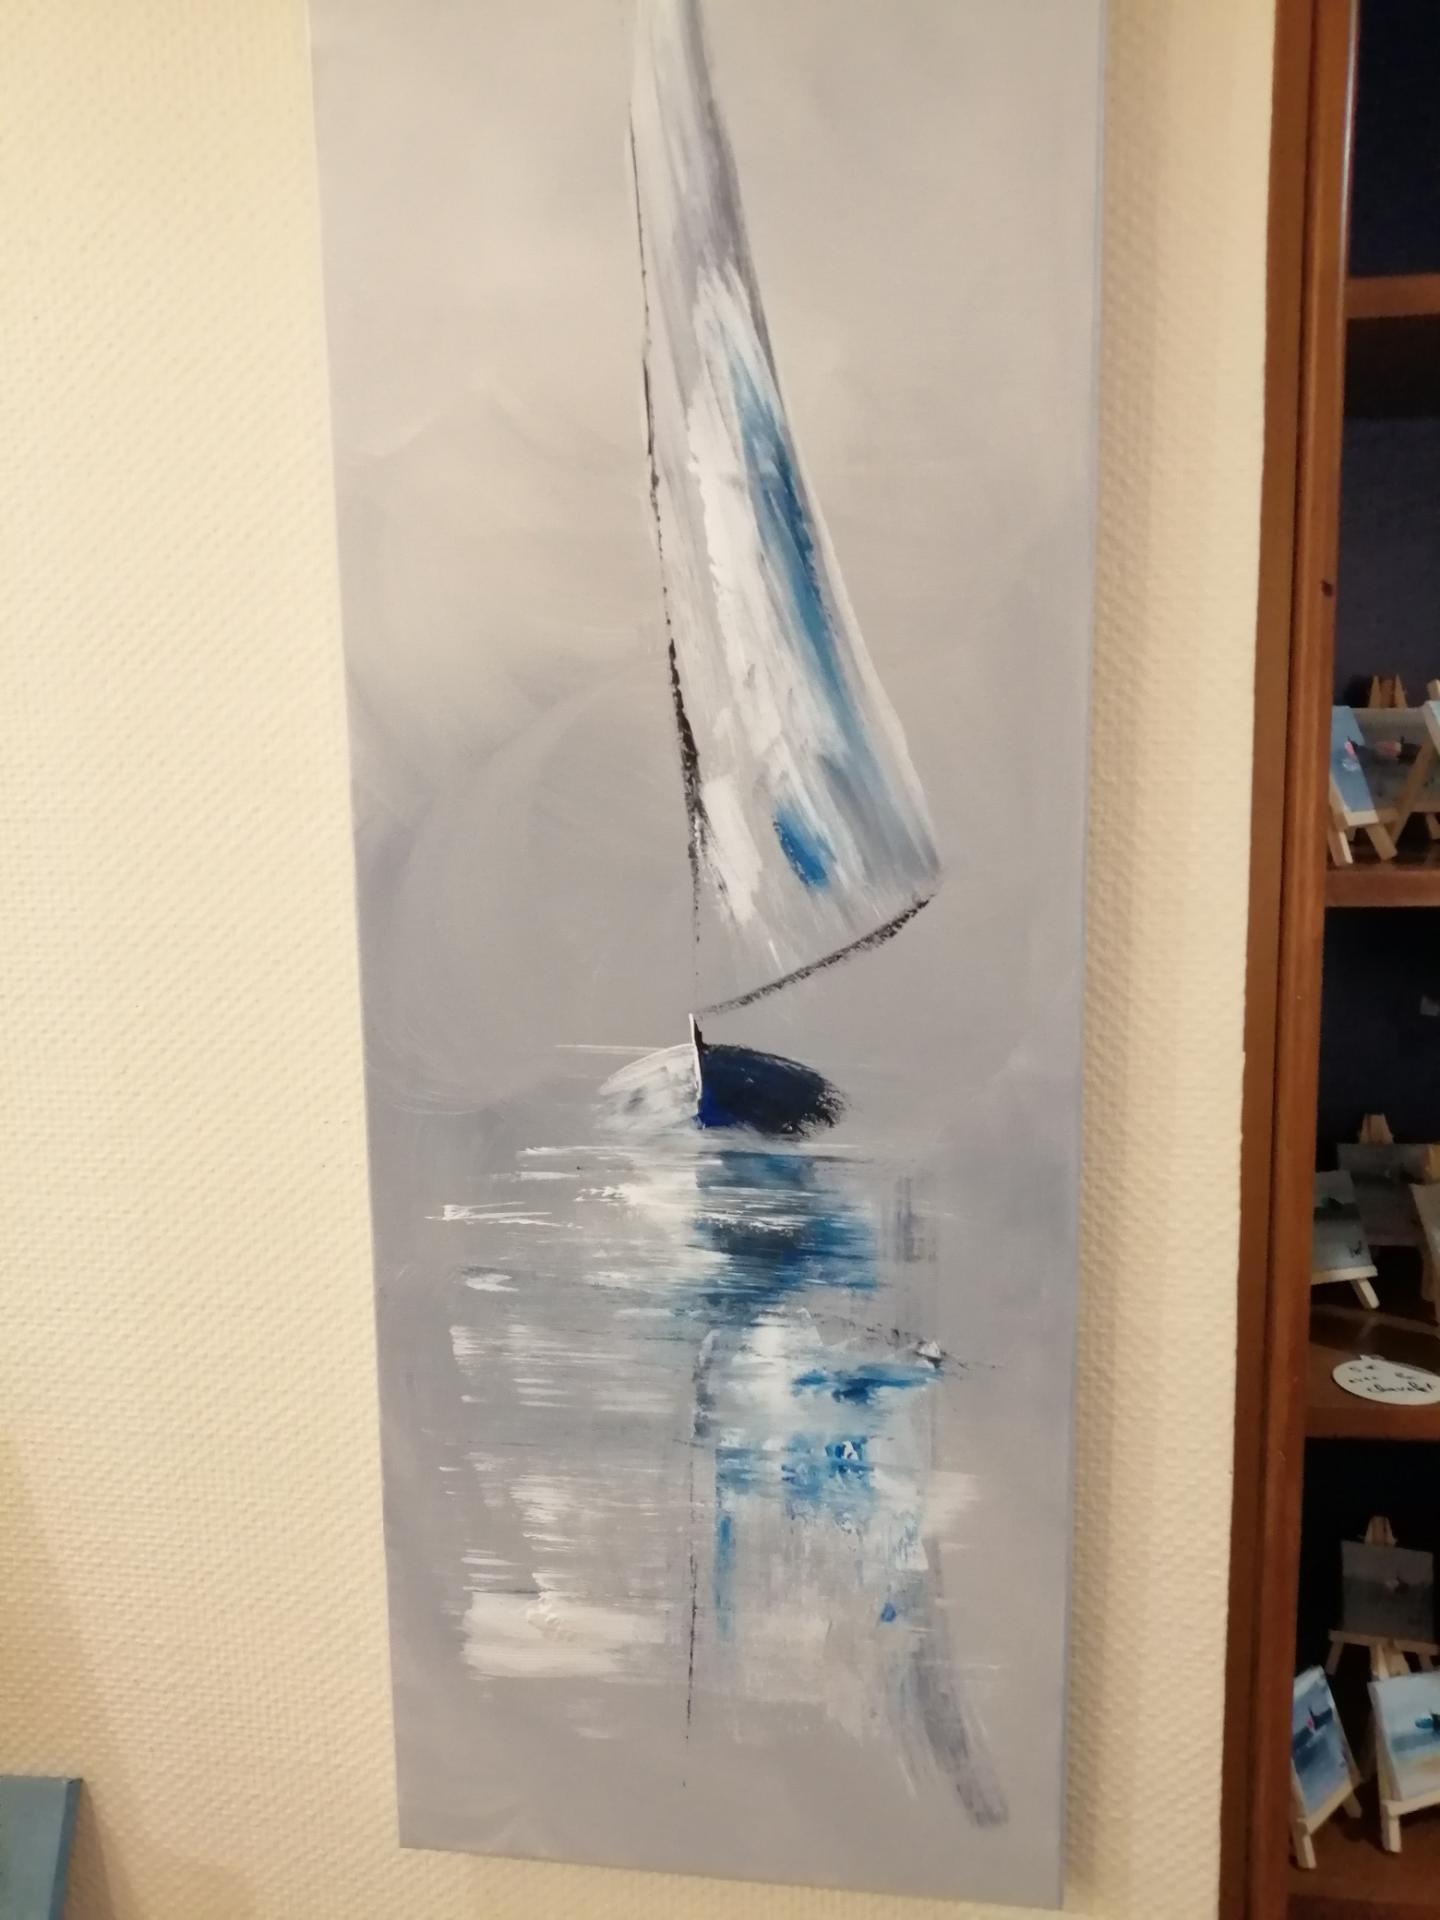 le voilier bleu